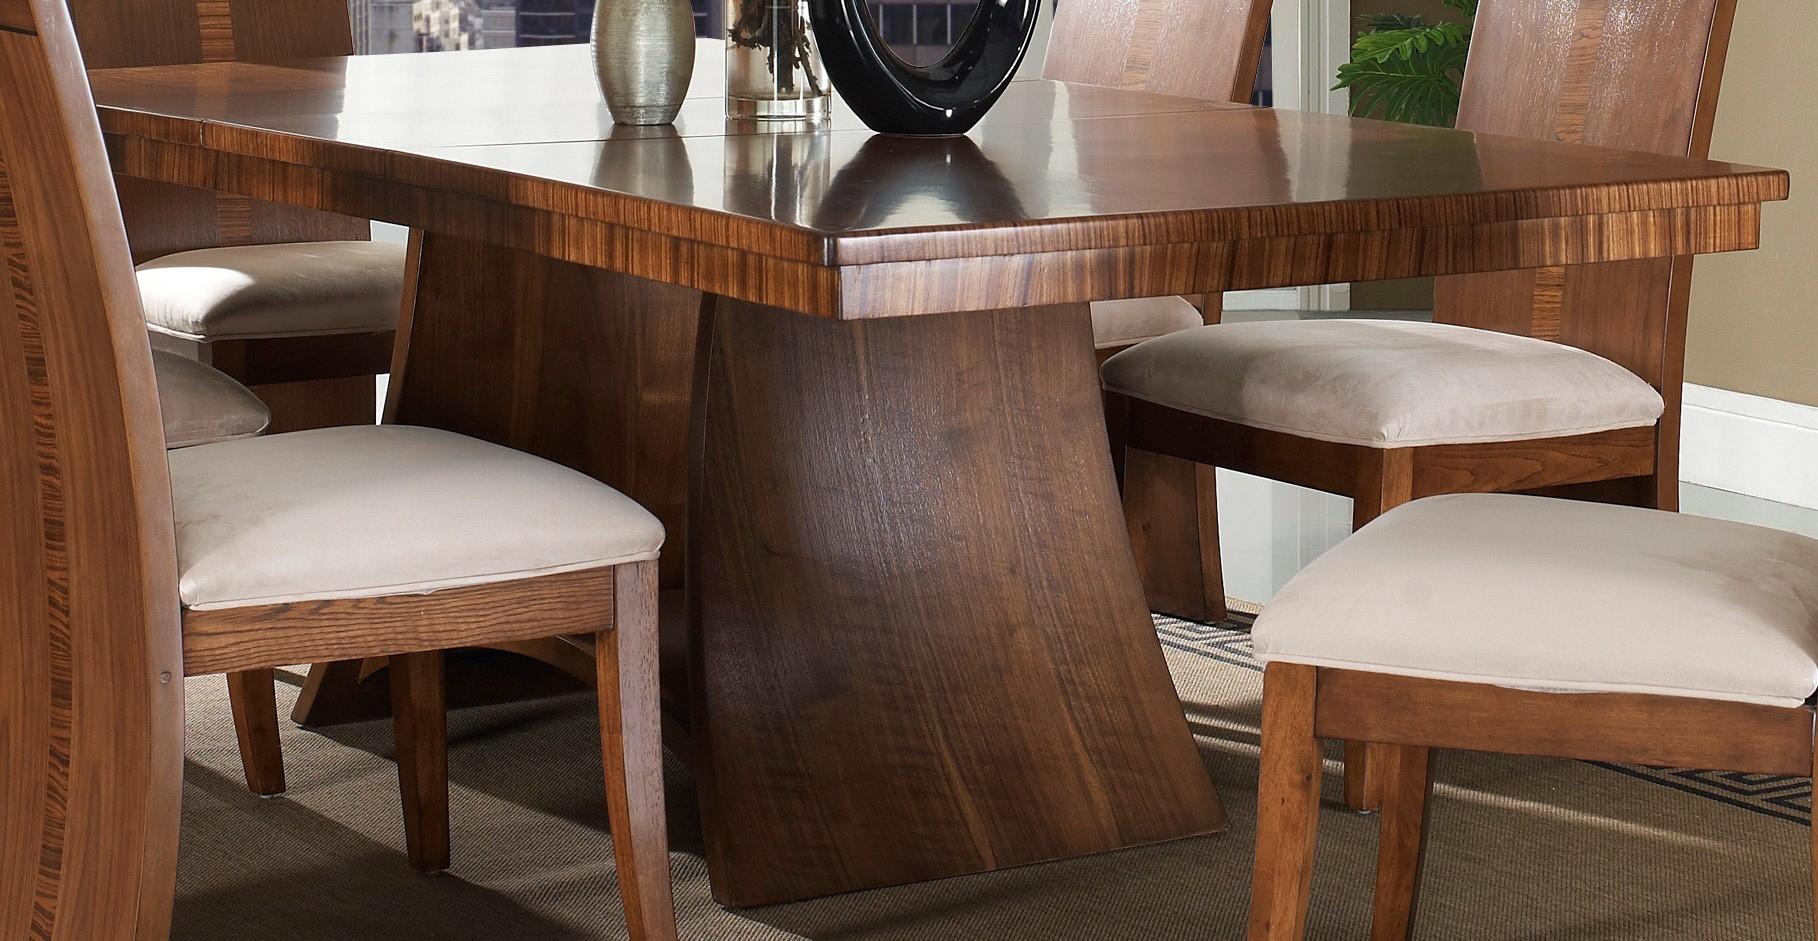 Milan rectangular pedestal dining table from somerton dwelling 153 62 b t coleman furniture - Pedestal dining table rectangular ...